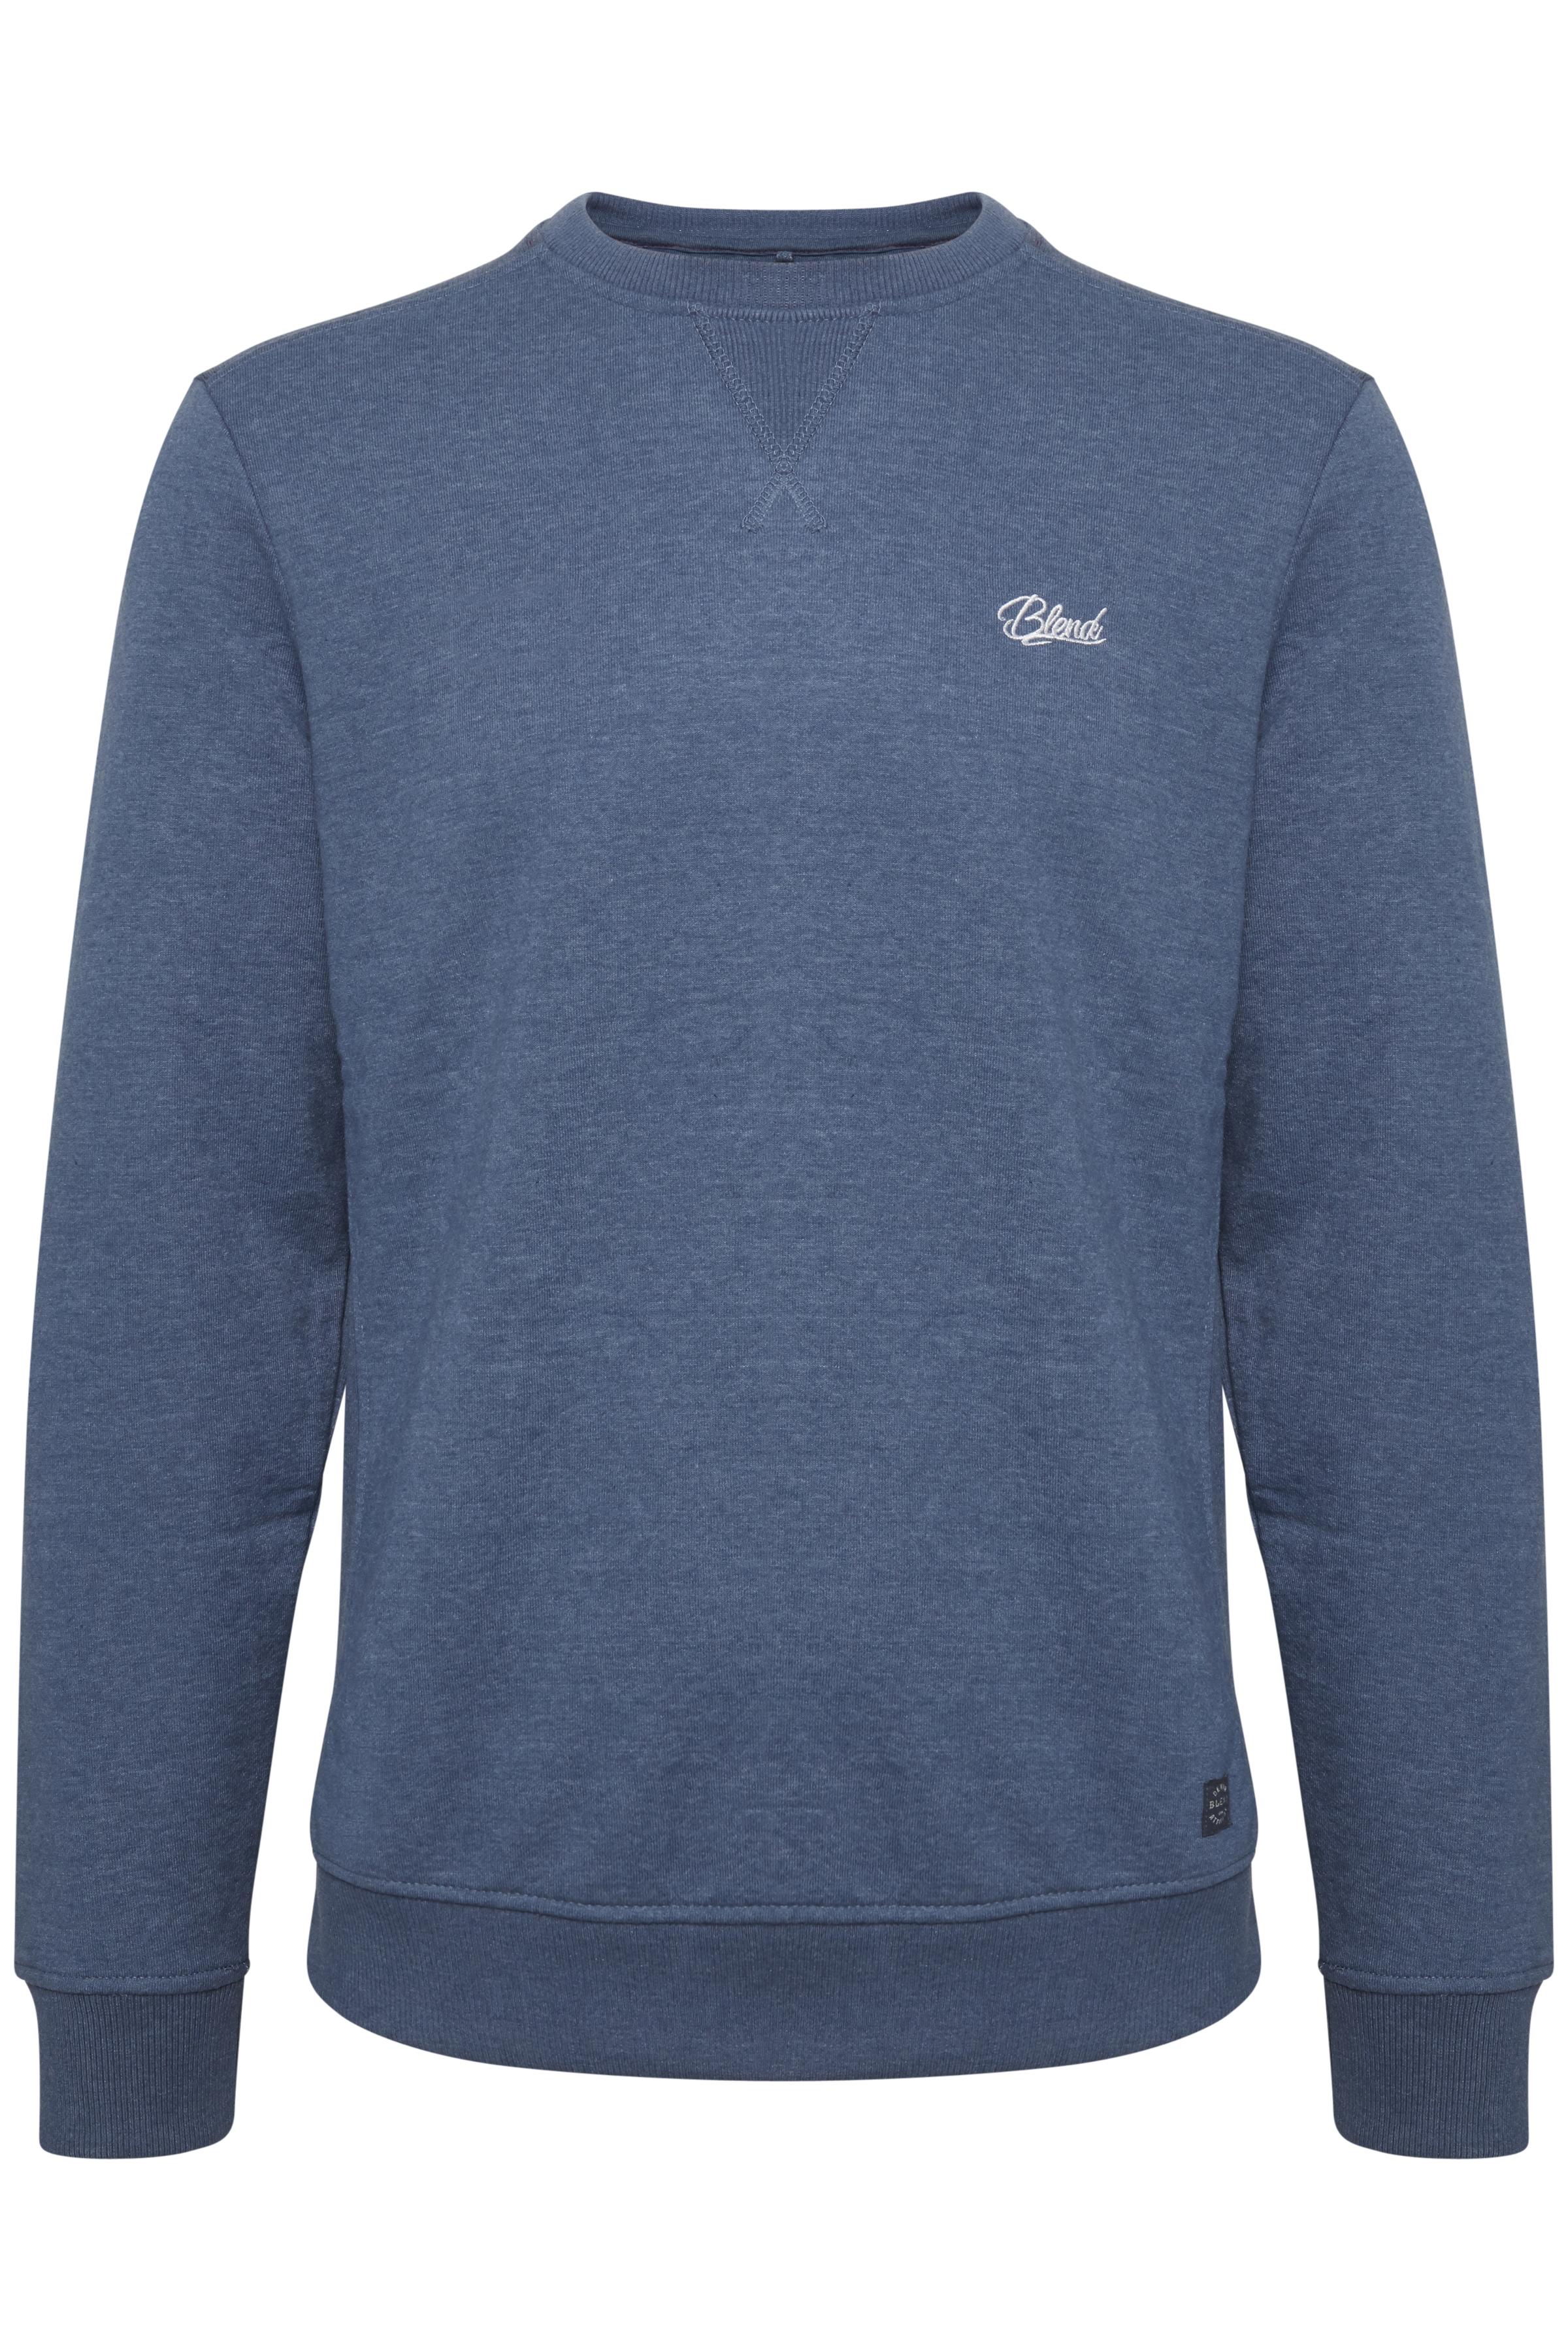 Blend He Herre BLEND sweatshirt med lange ærmer og rund hals. Denne sweatshirt - Denim Blue